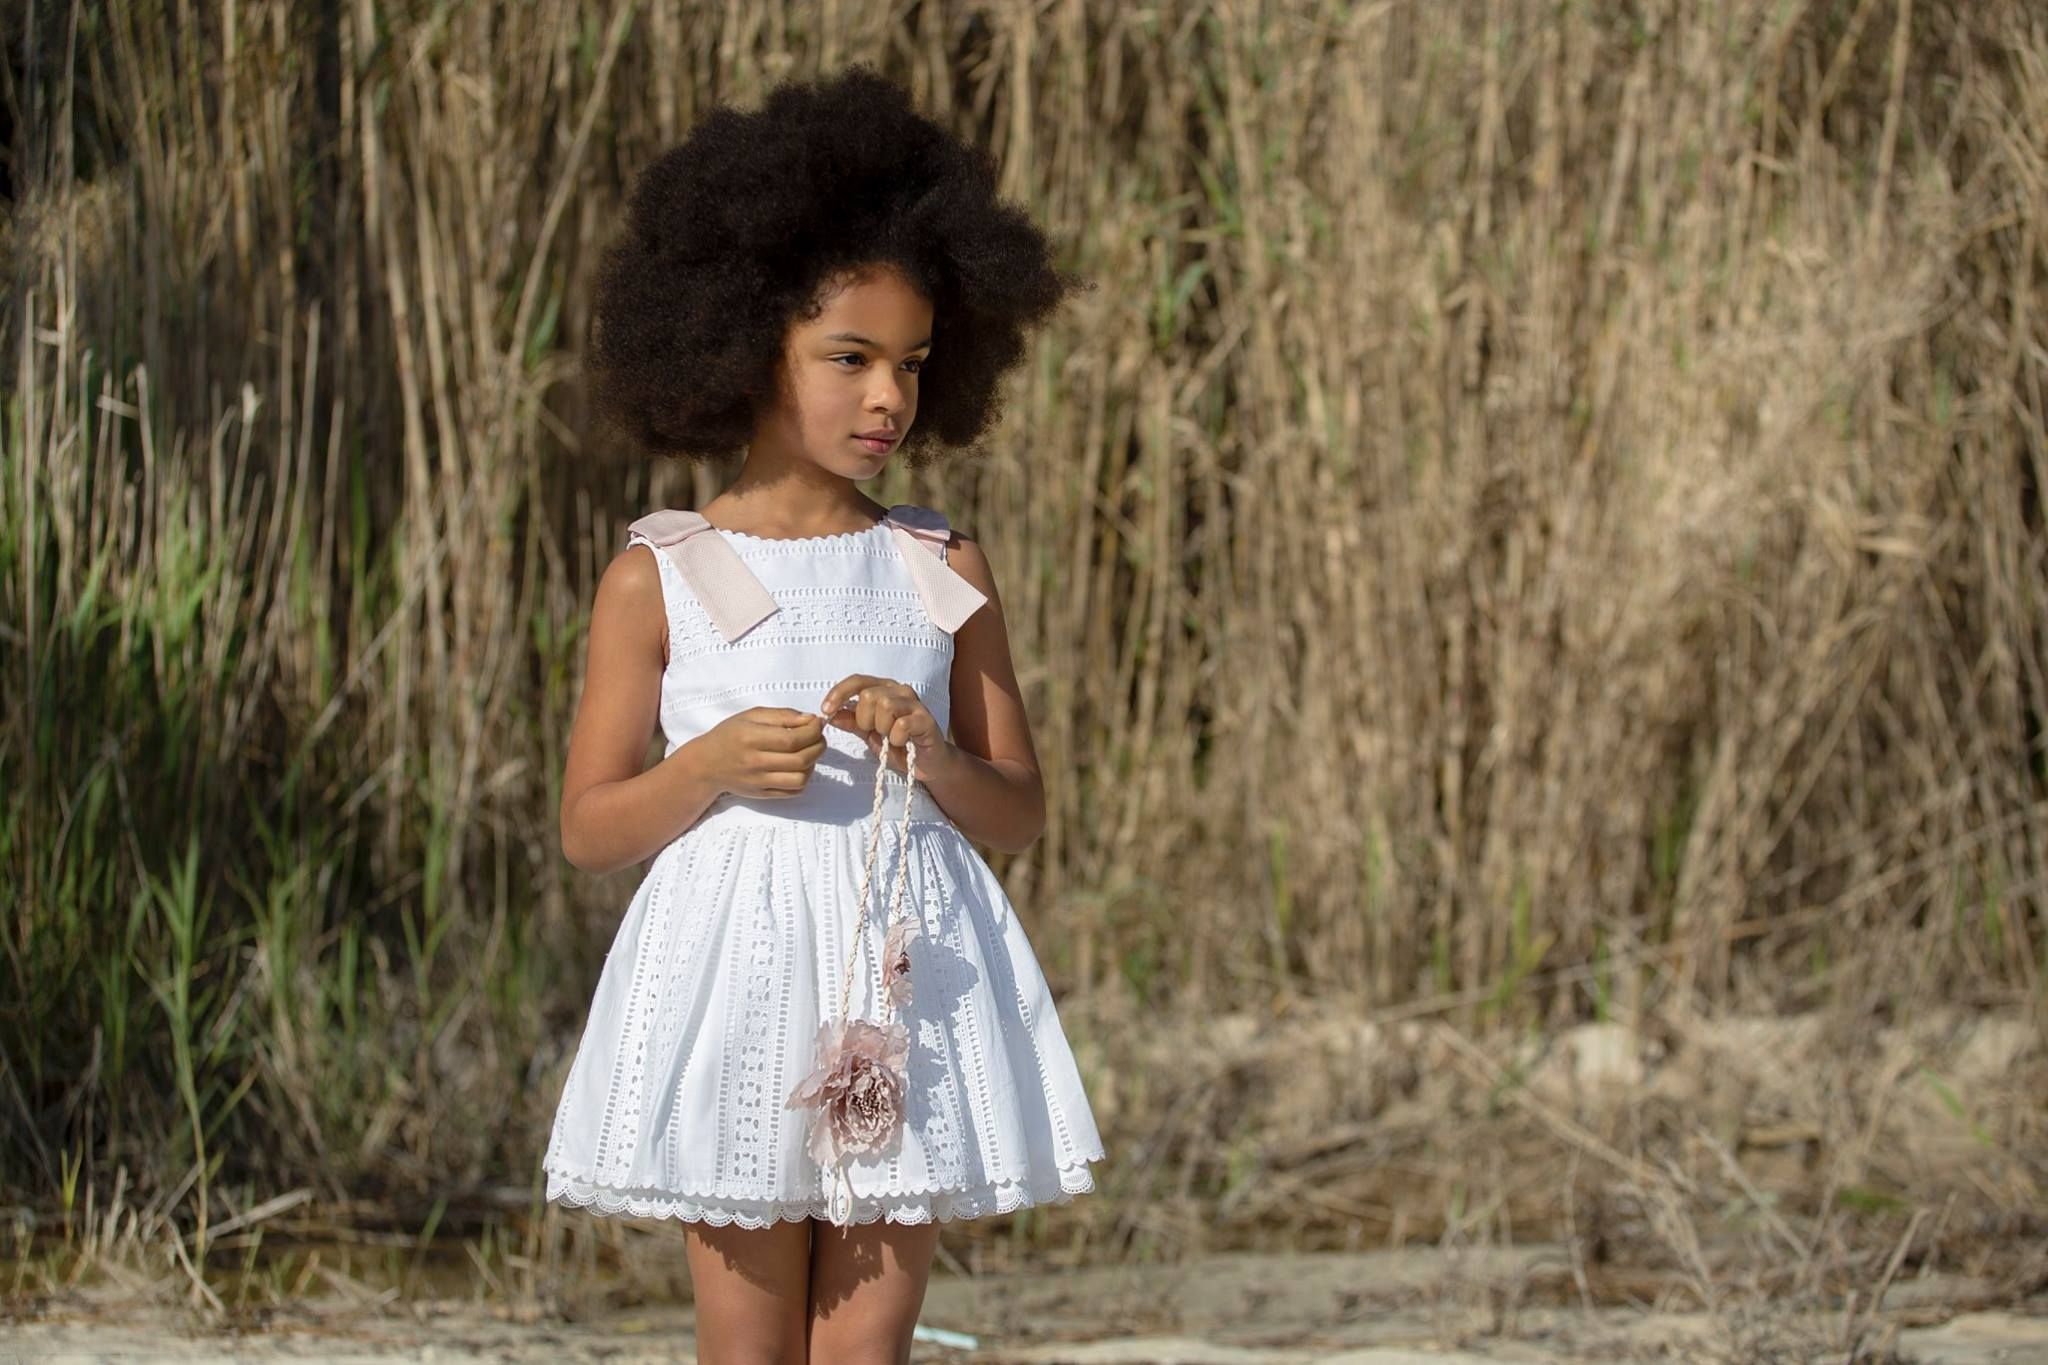 79595c0bf Vestido para niña de la colección Algodón de algodón perforado en color  blanco. Detalle de